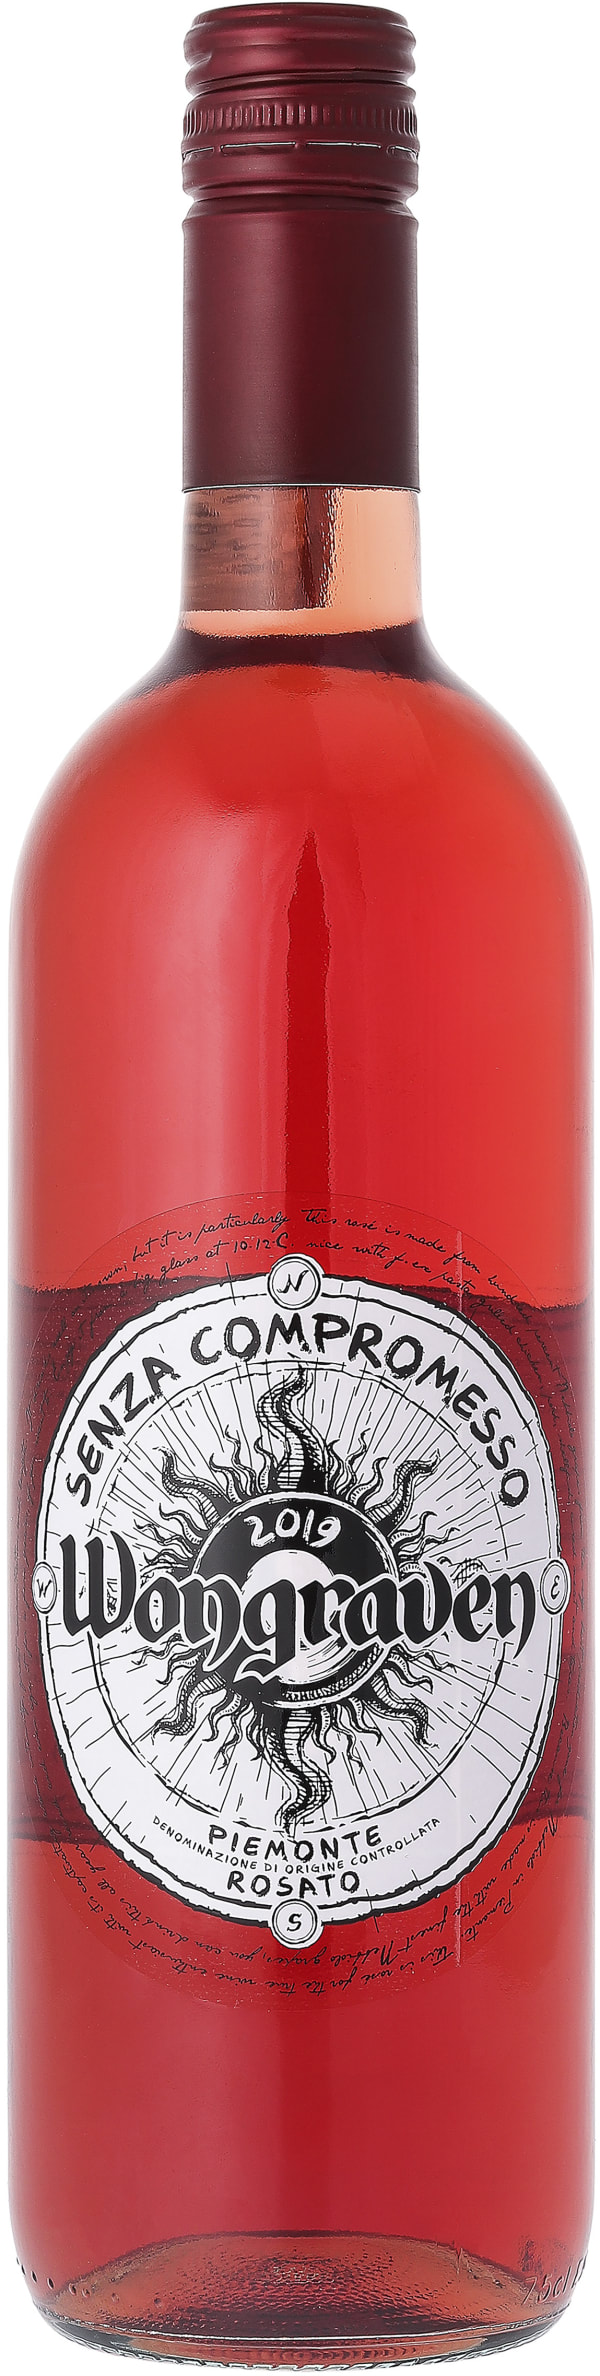 Wongraven Senza Compromesso Piemonte Rosato 2019